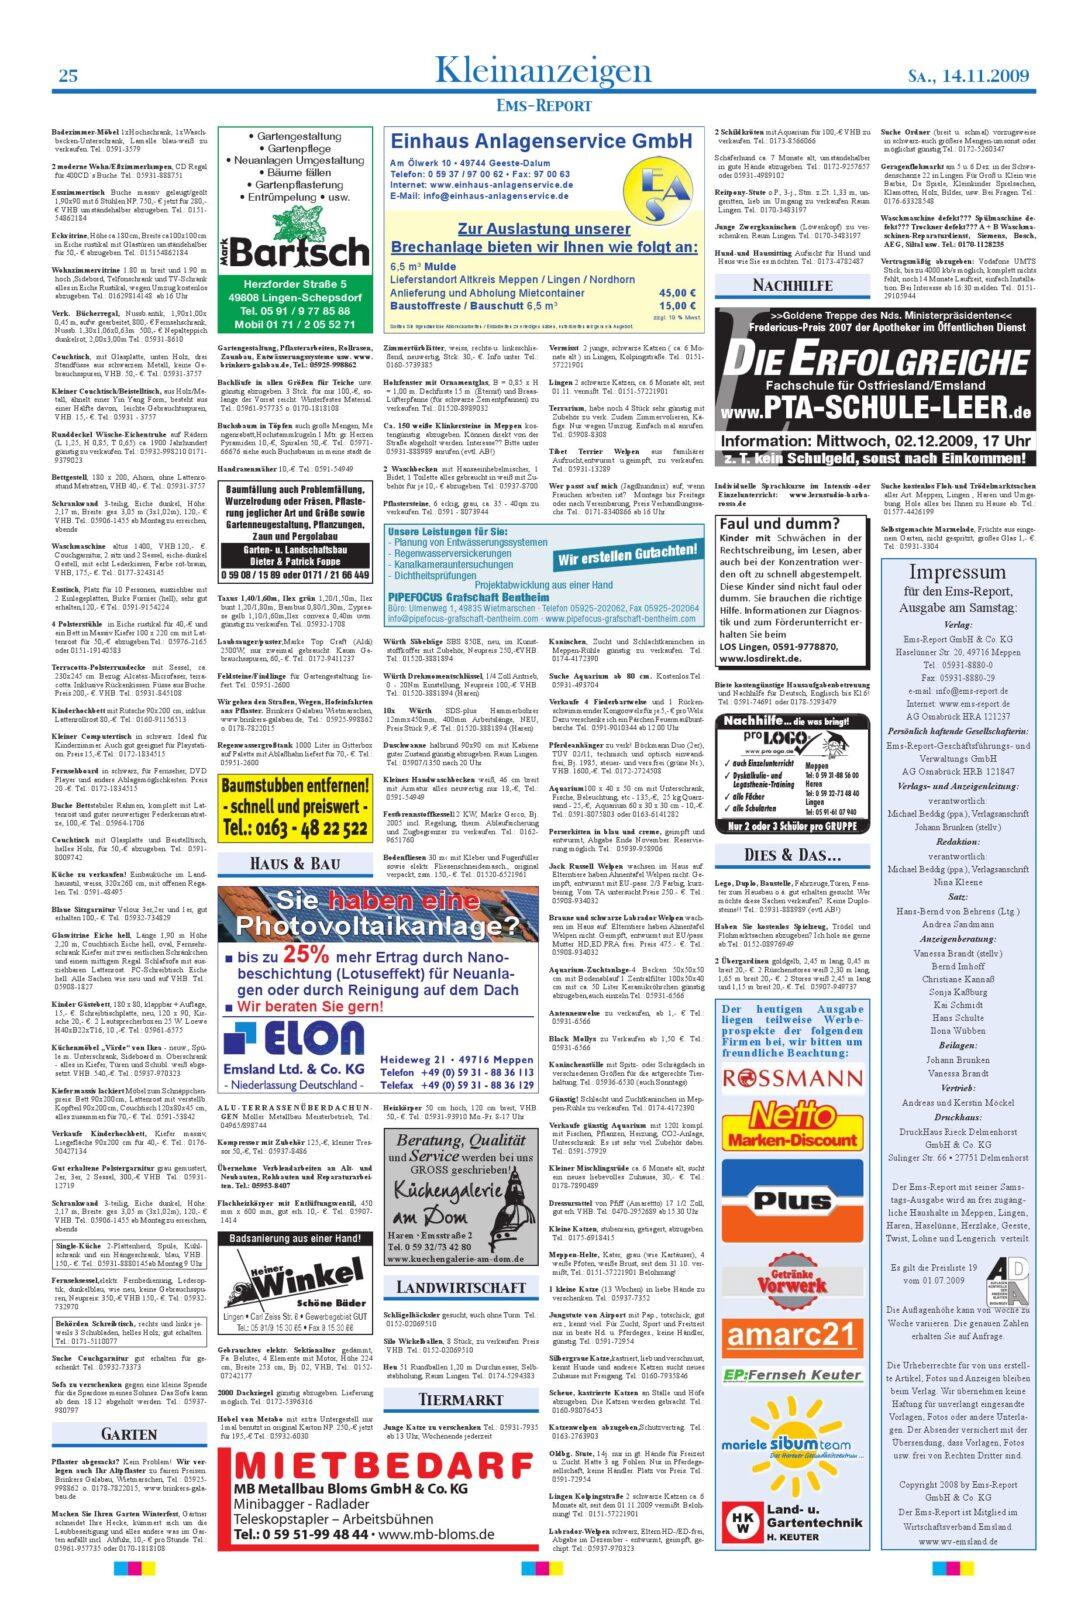 Large Size of Ems Report Ausgabe Online Kw 46 09 14112009 By Gmbh Betten Bei Ikea Modulküche Singleküche Mit Kühlschrank Küche Kaufen Kosten Sofa Schlaffunktion 160x200 Wohnzimmer Ikea Singleküche Värde